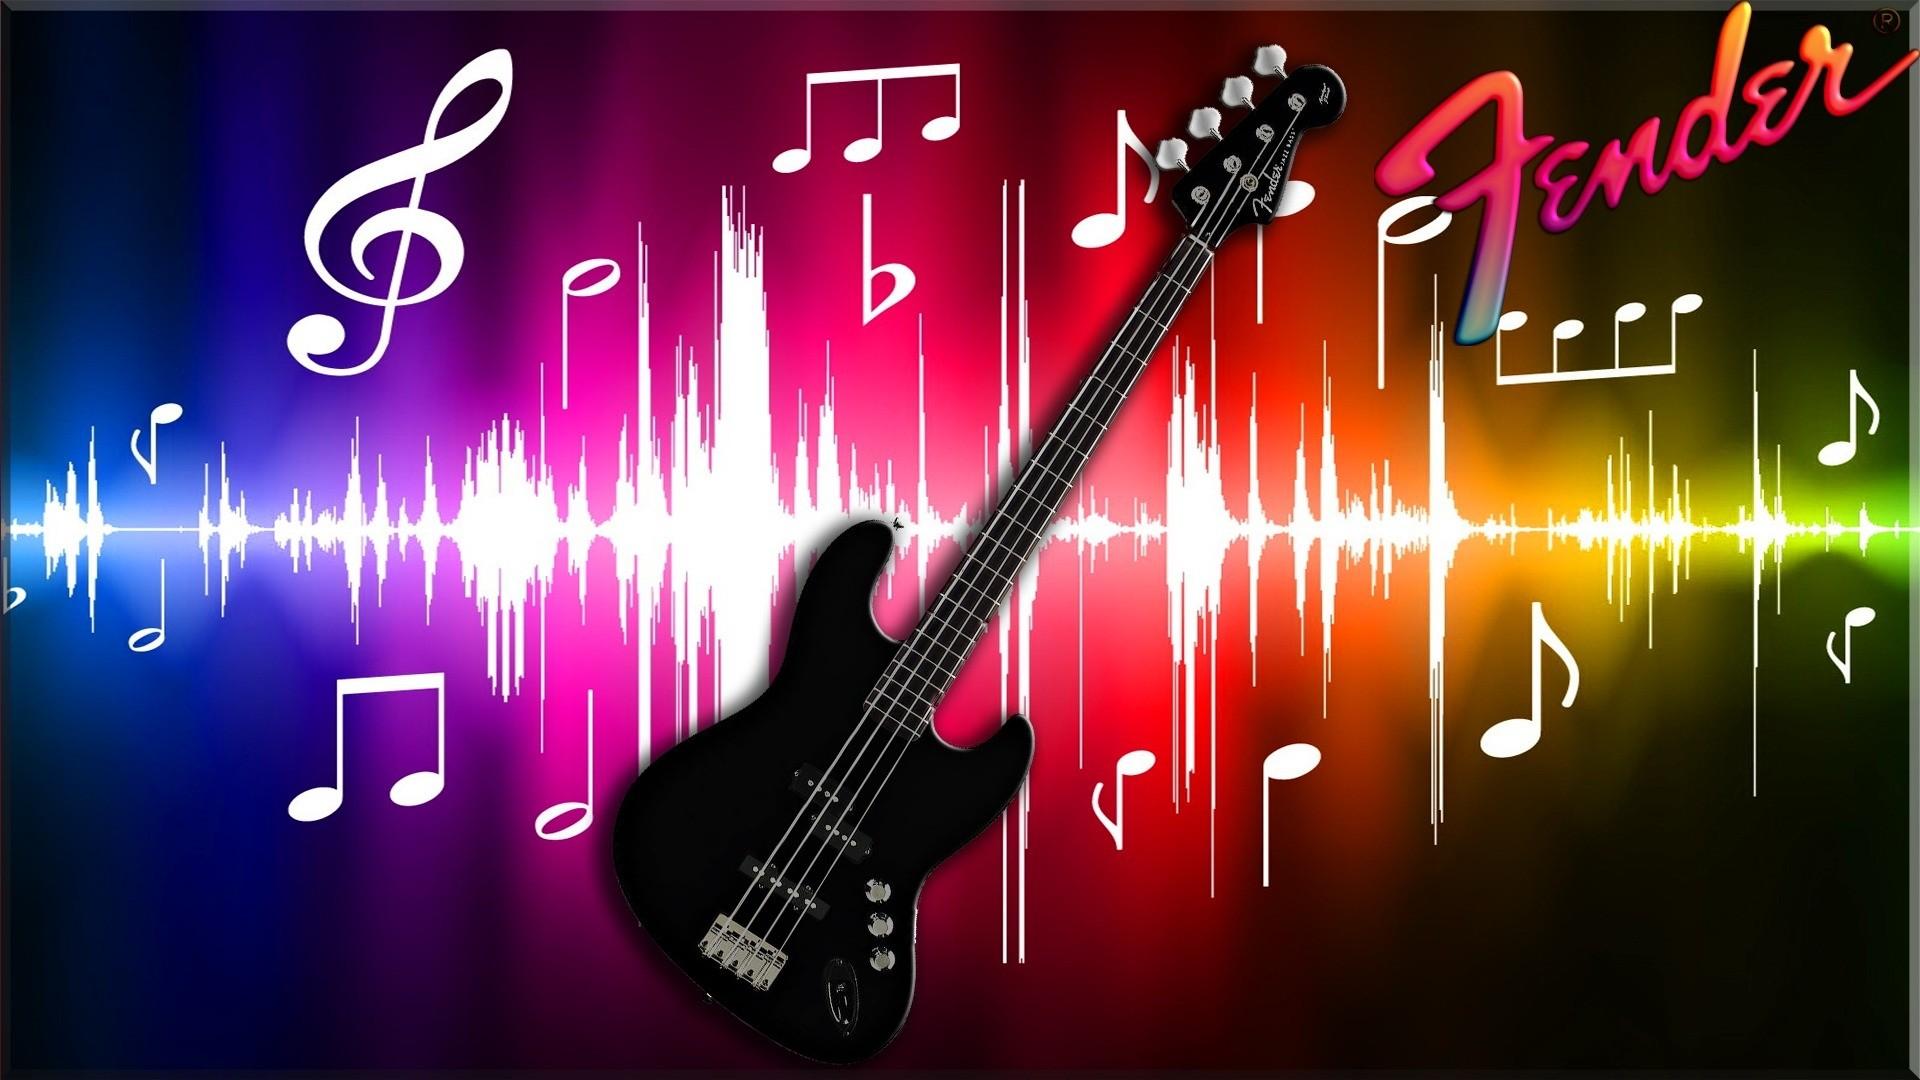 Cute Music beautiful wallpaper